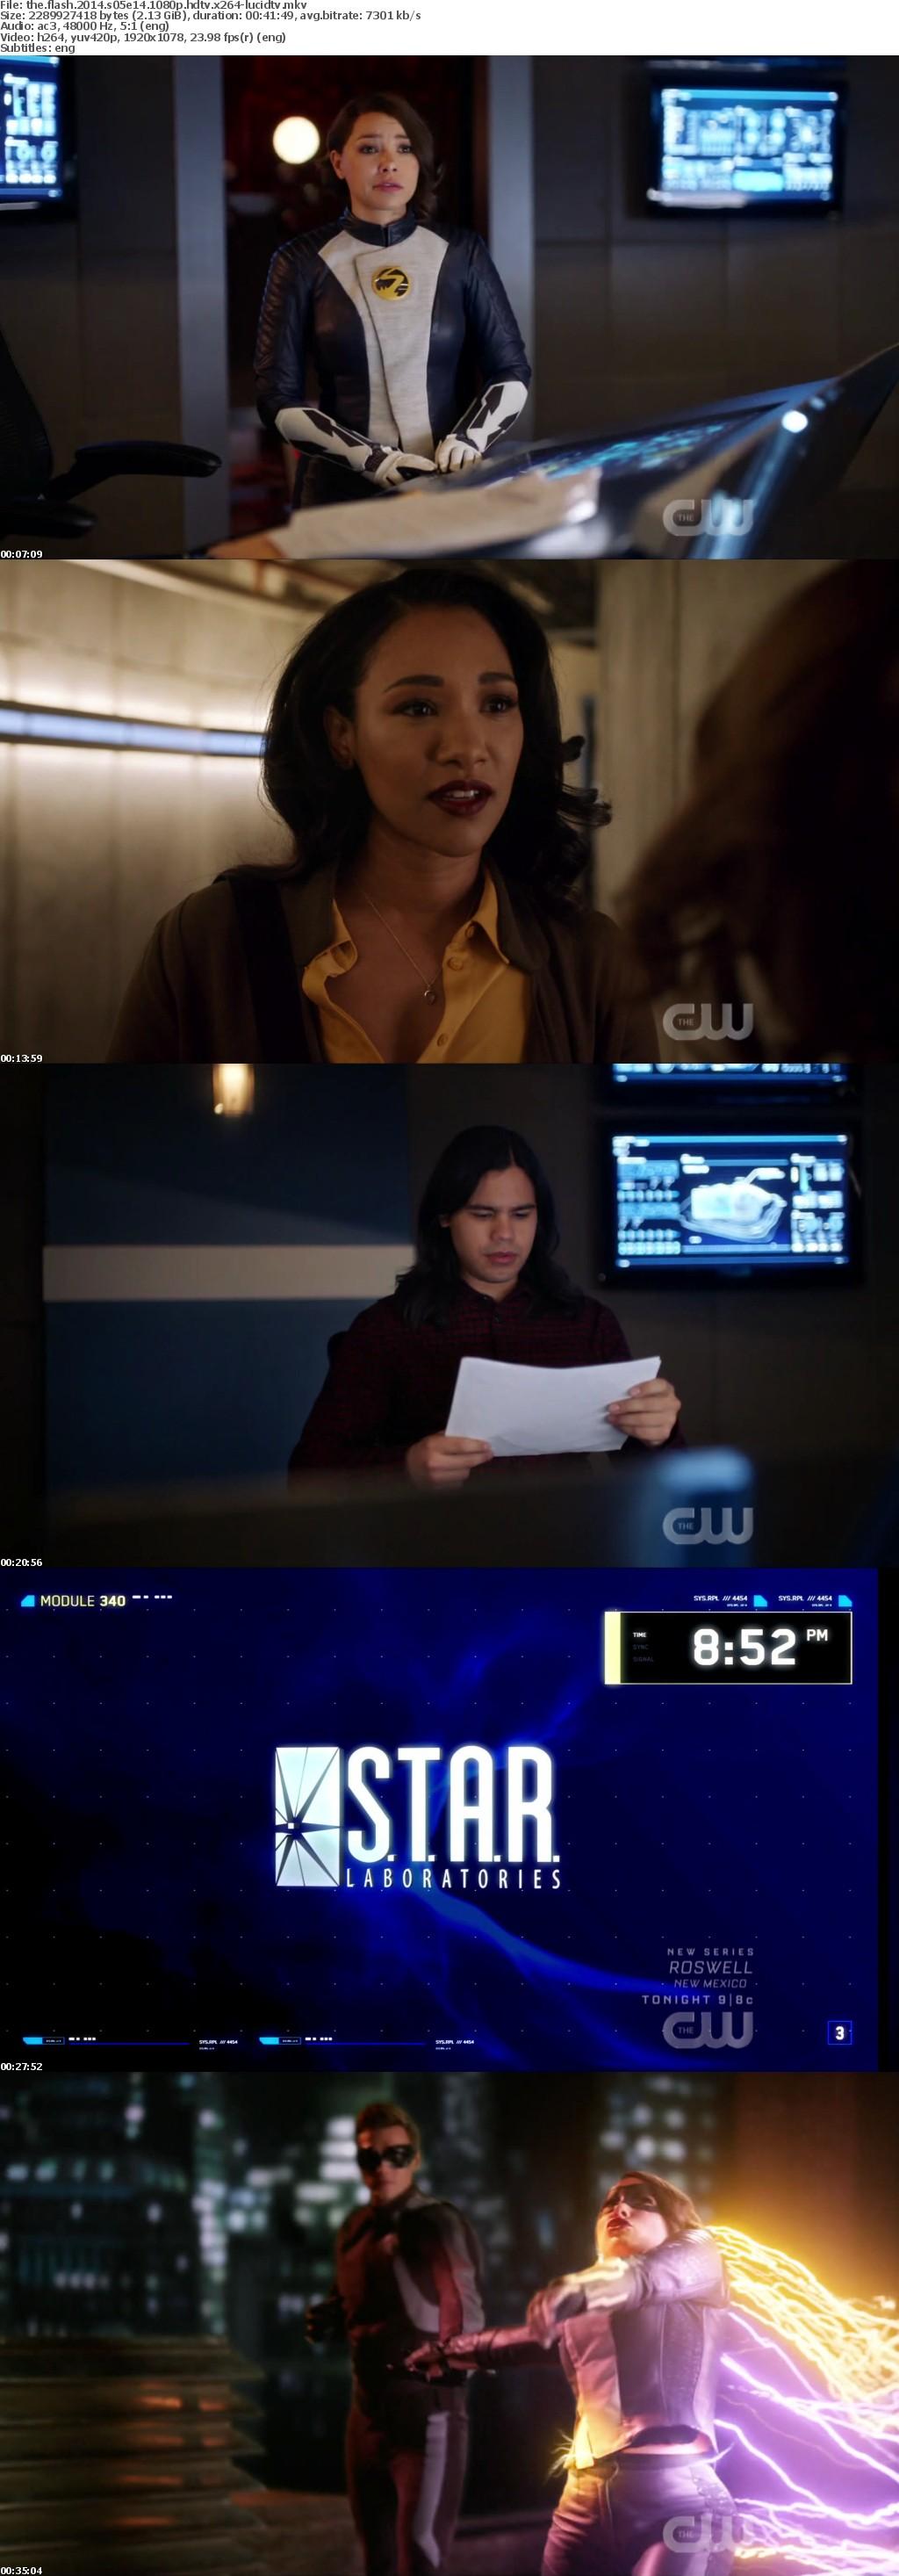 The Flash 2014 S05E14 1080p HDTV x264-LucidTV